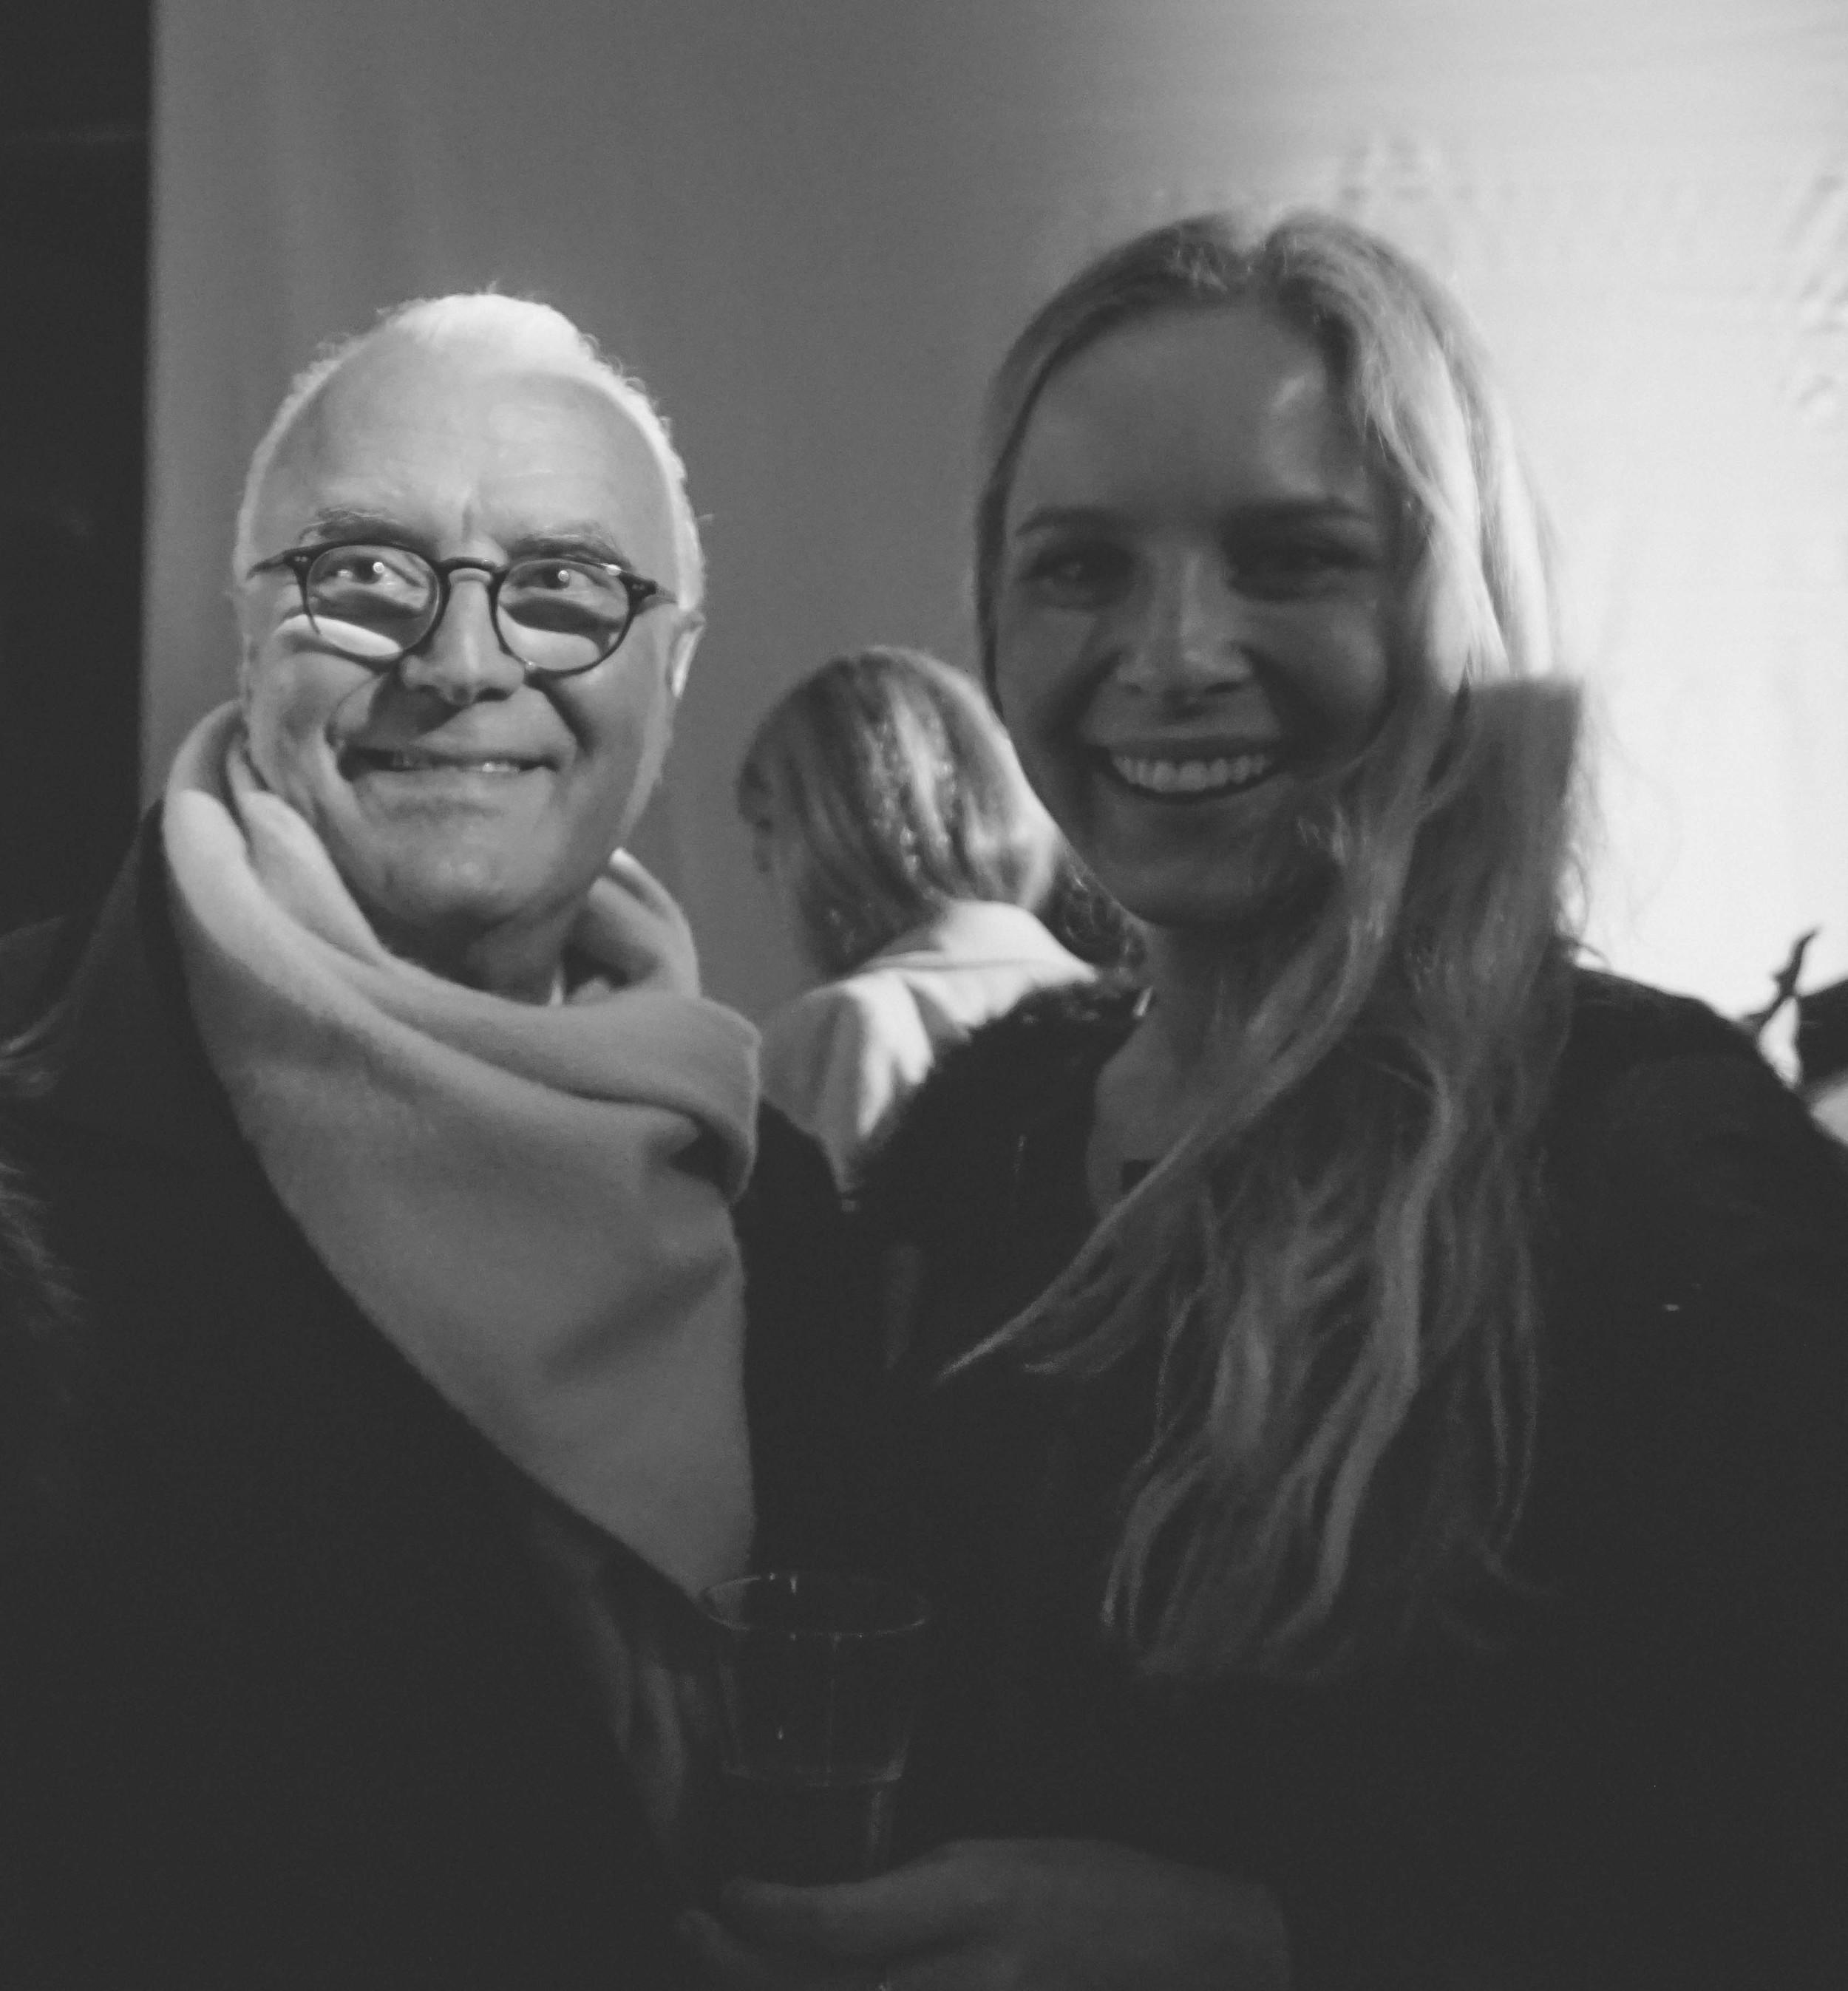 Kat Caprice meeting Manolo Blahnik.